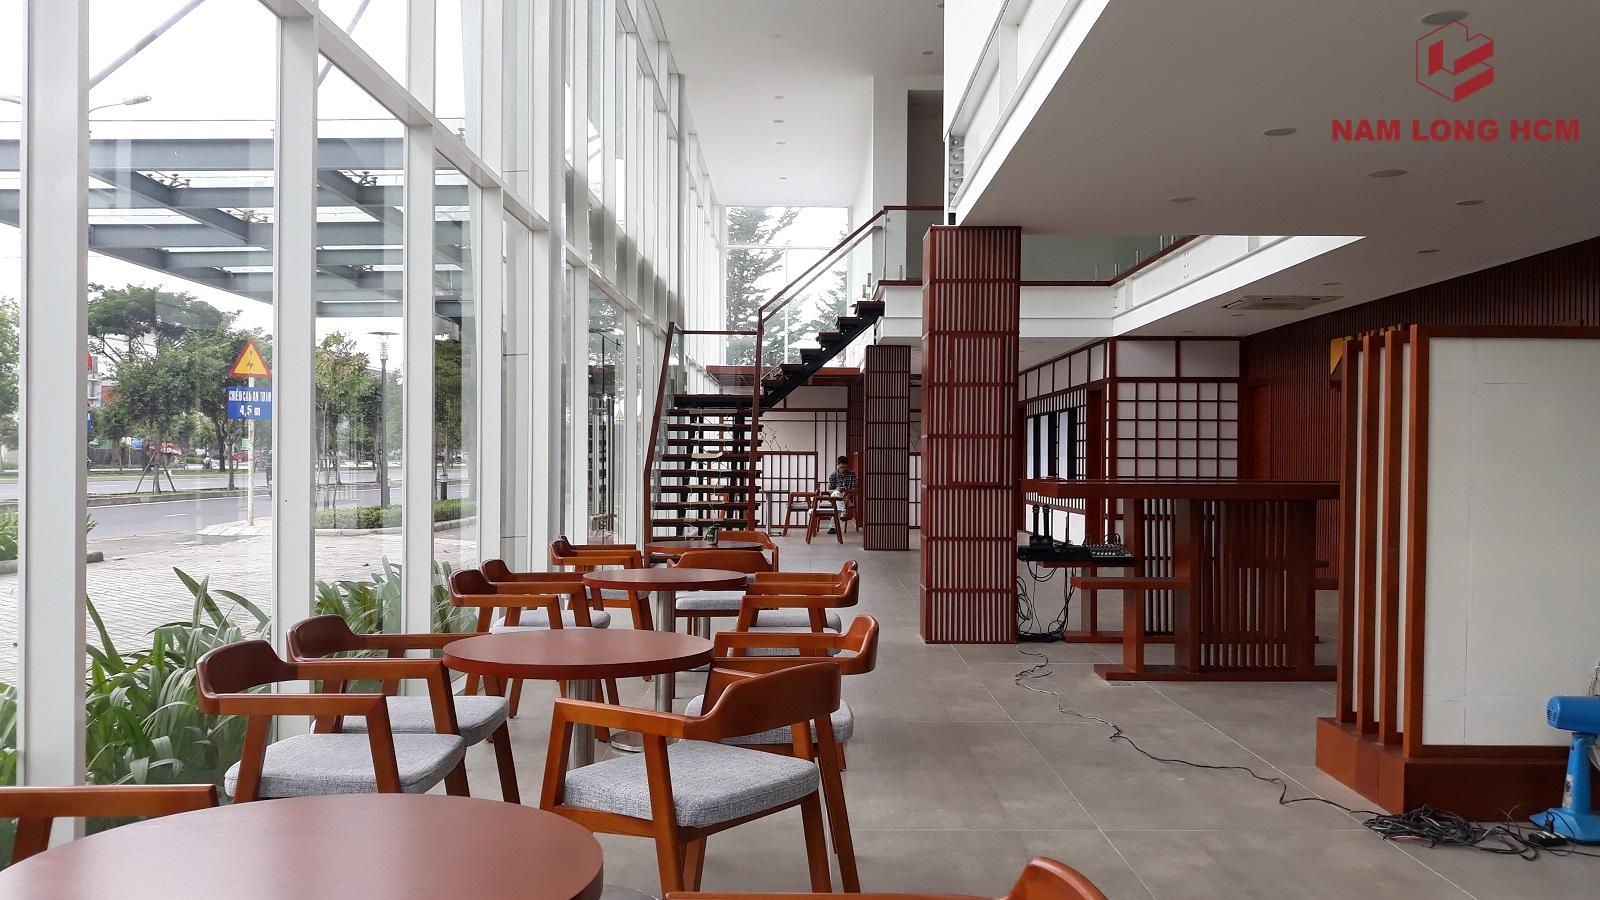 Bàn ghế tiếp khách tại nhà mẫu Akari City Bình Tân. Ảnh: Nam Long HCM